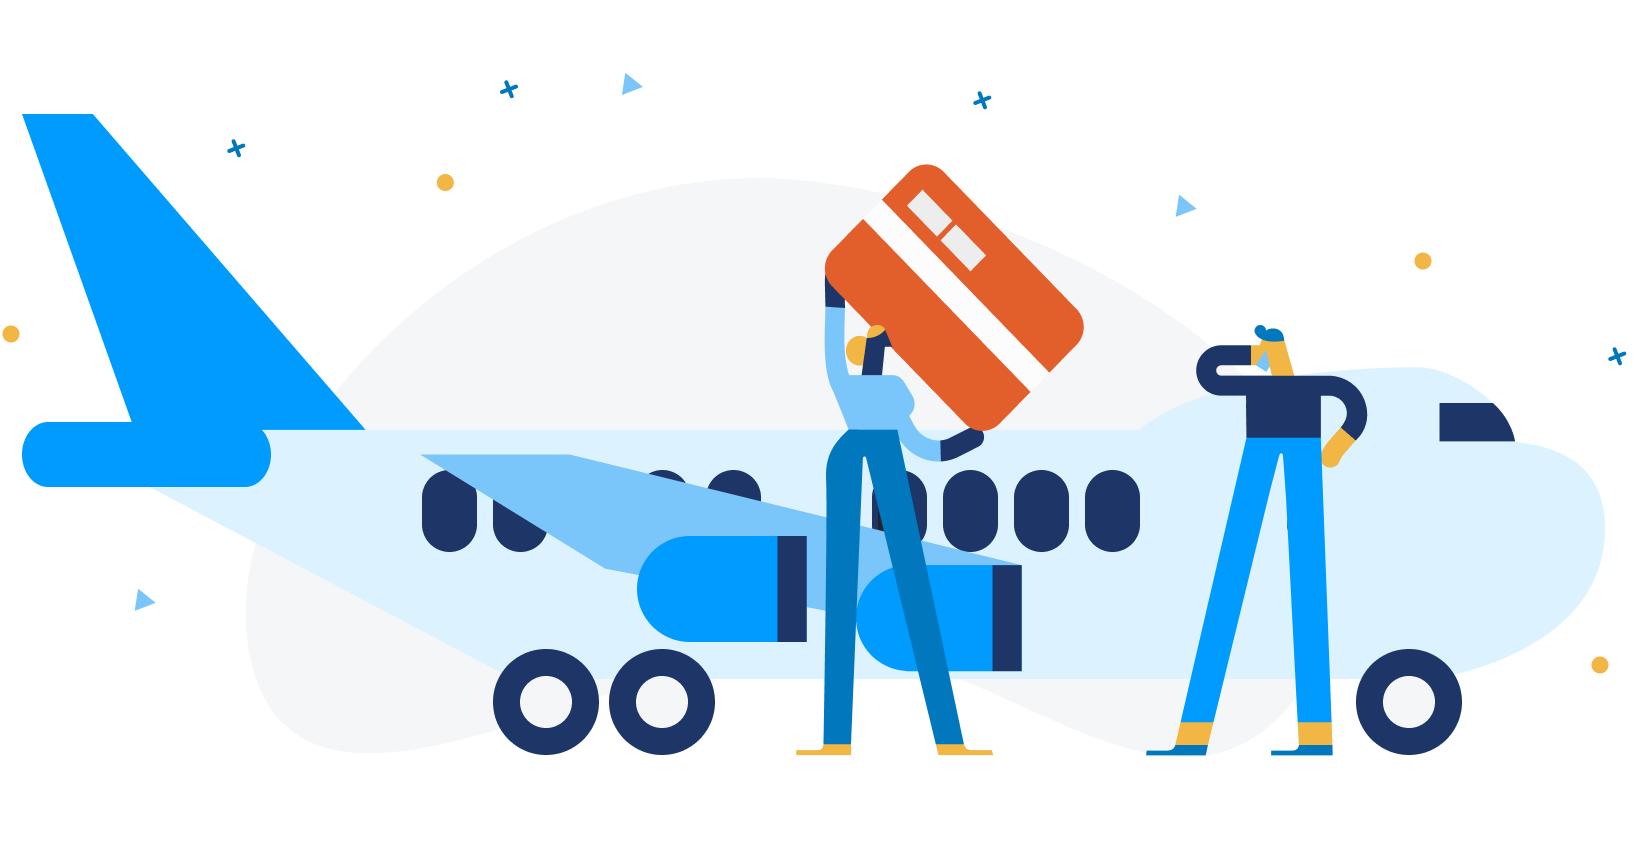 International entrepreneurs landing on airplane with startup visa